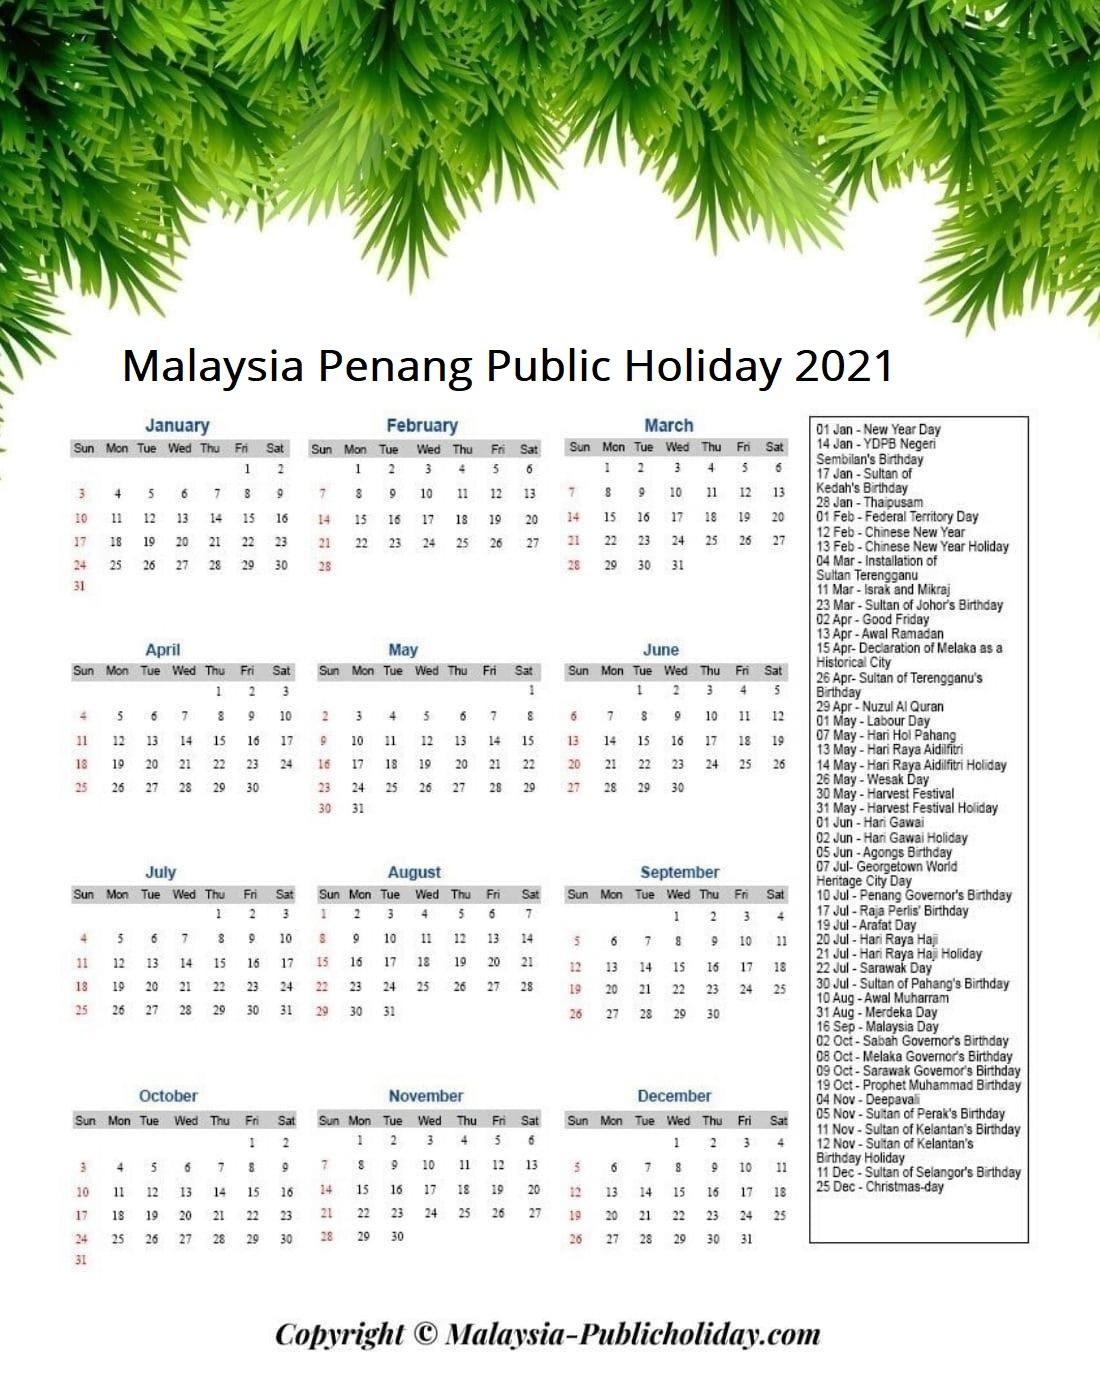 Penang Holiday 2021 Malaysia